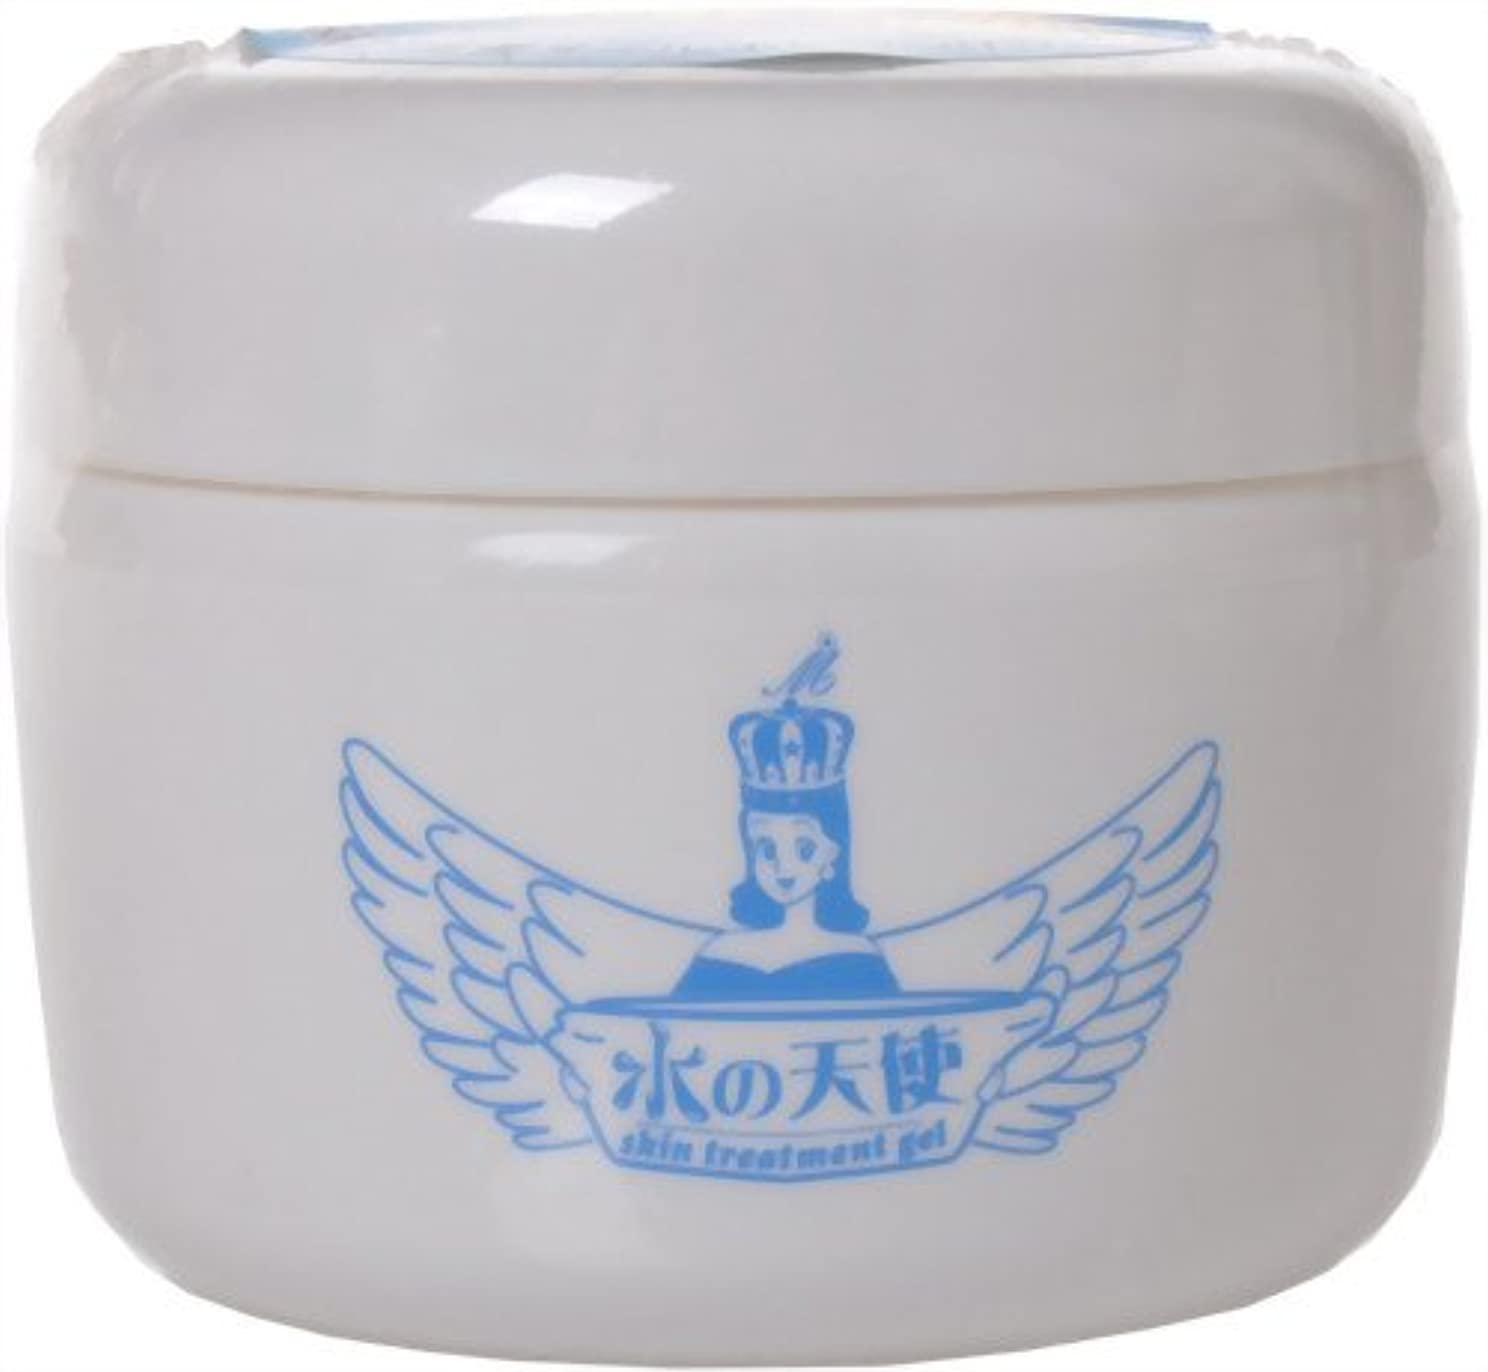 コインランドリー小康保険水の天使 スキントリートメントゲル 250g